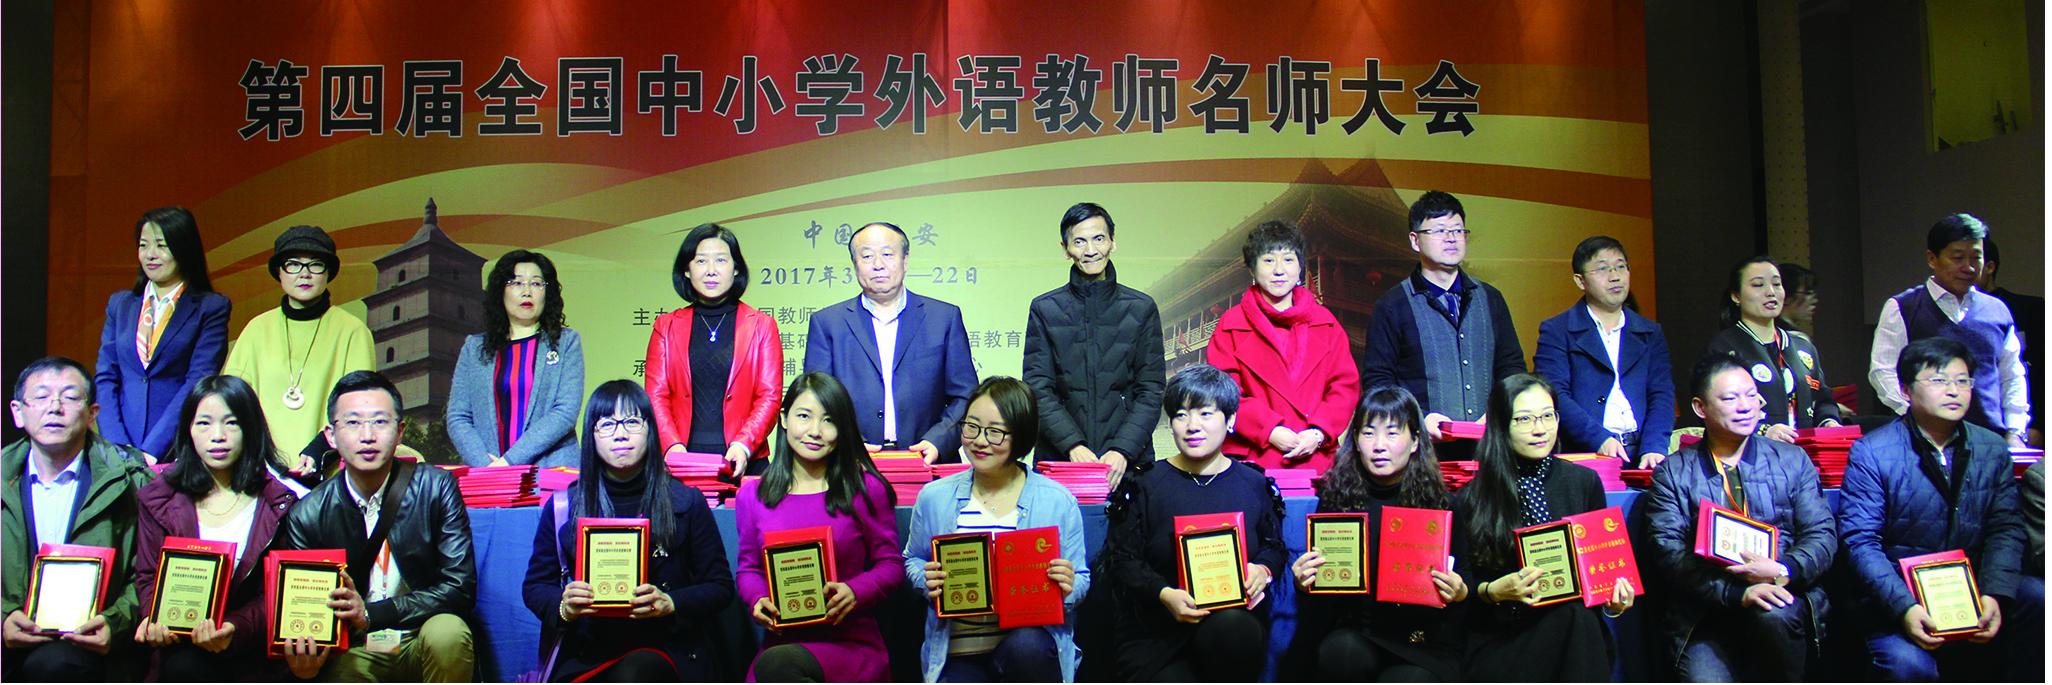 全国中小学外语教师名师大会